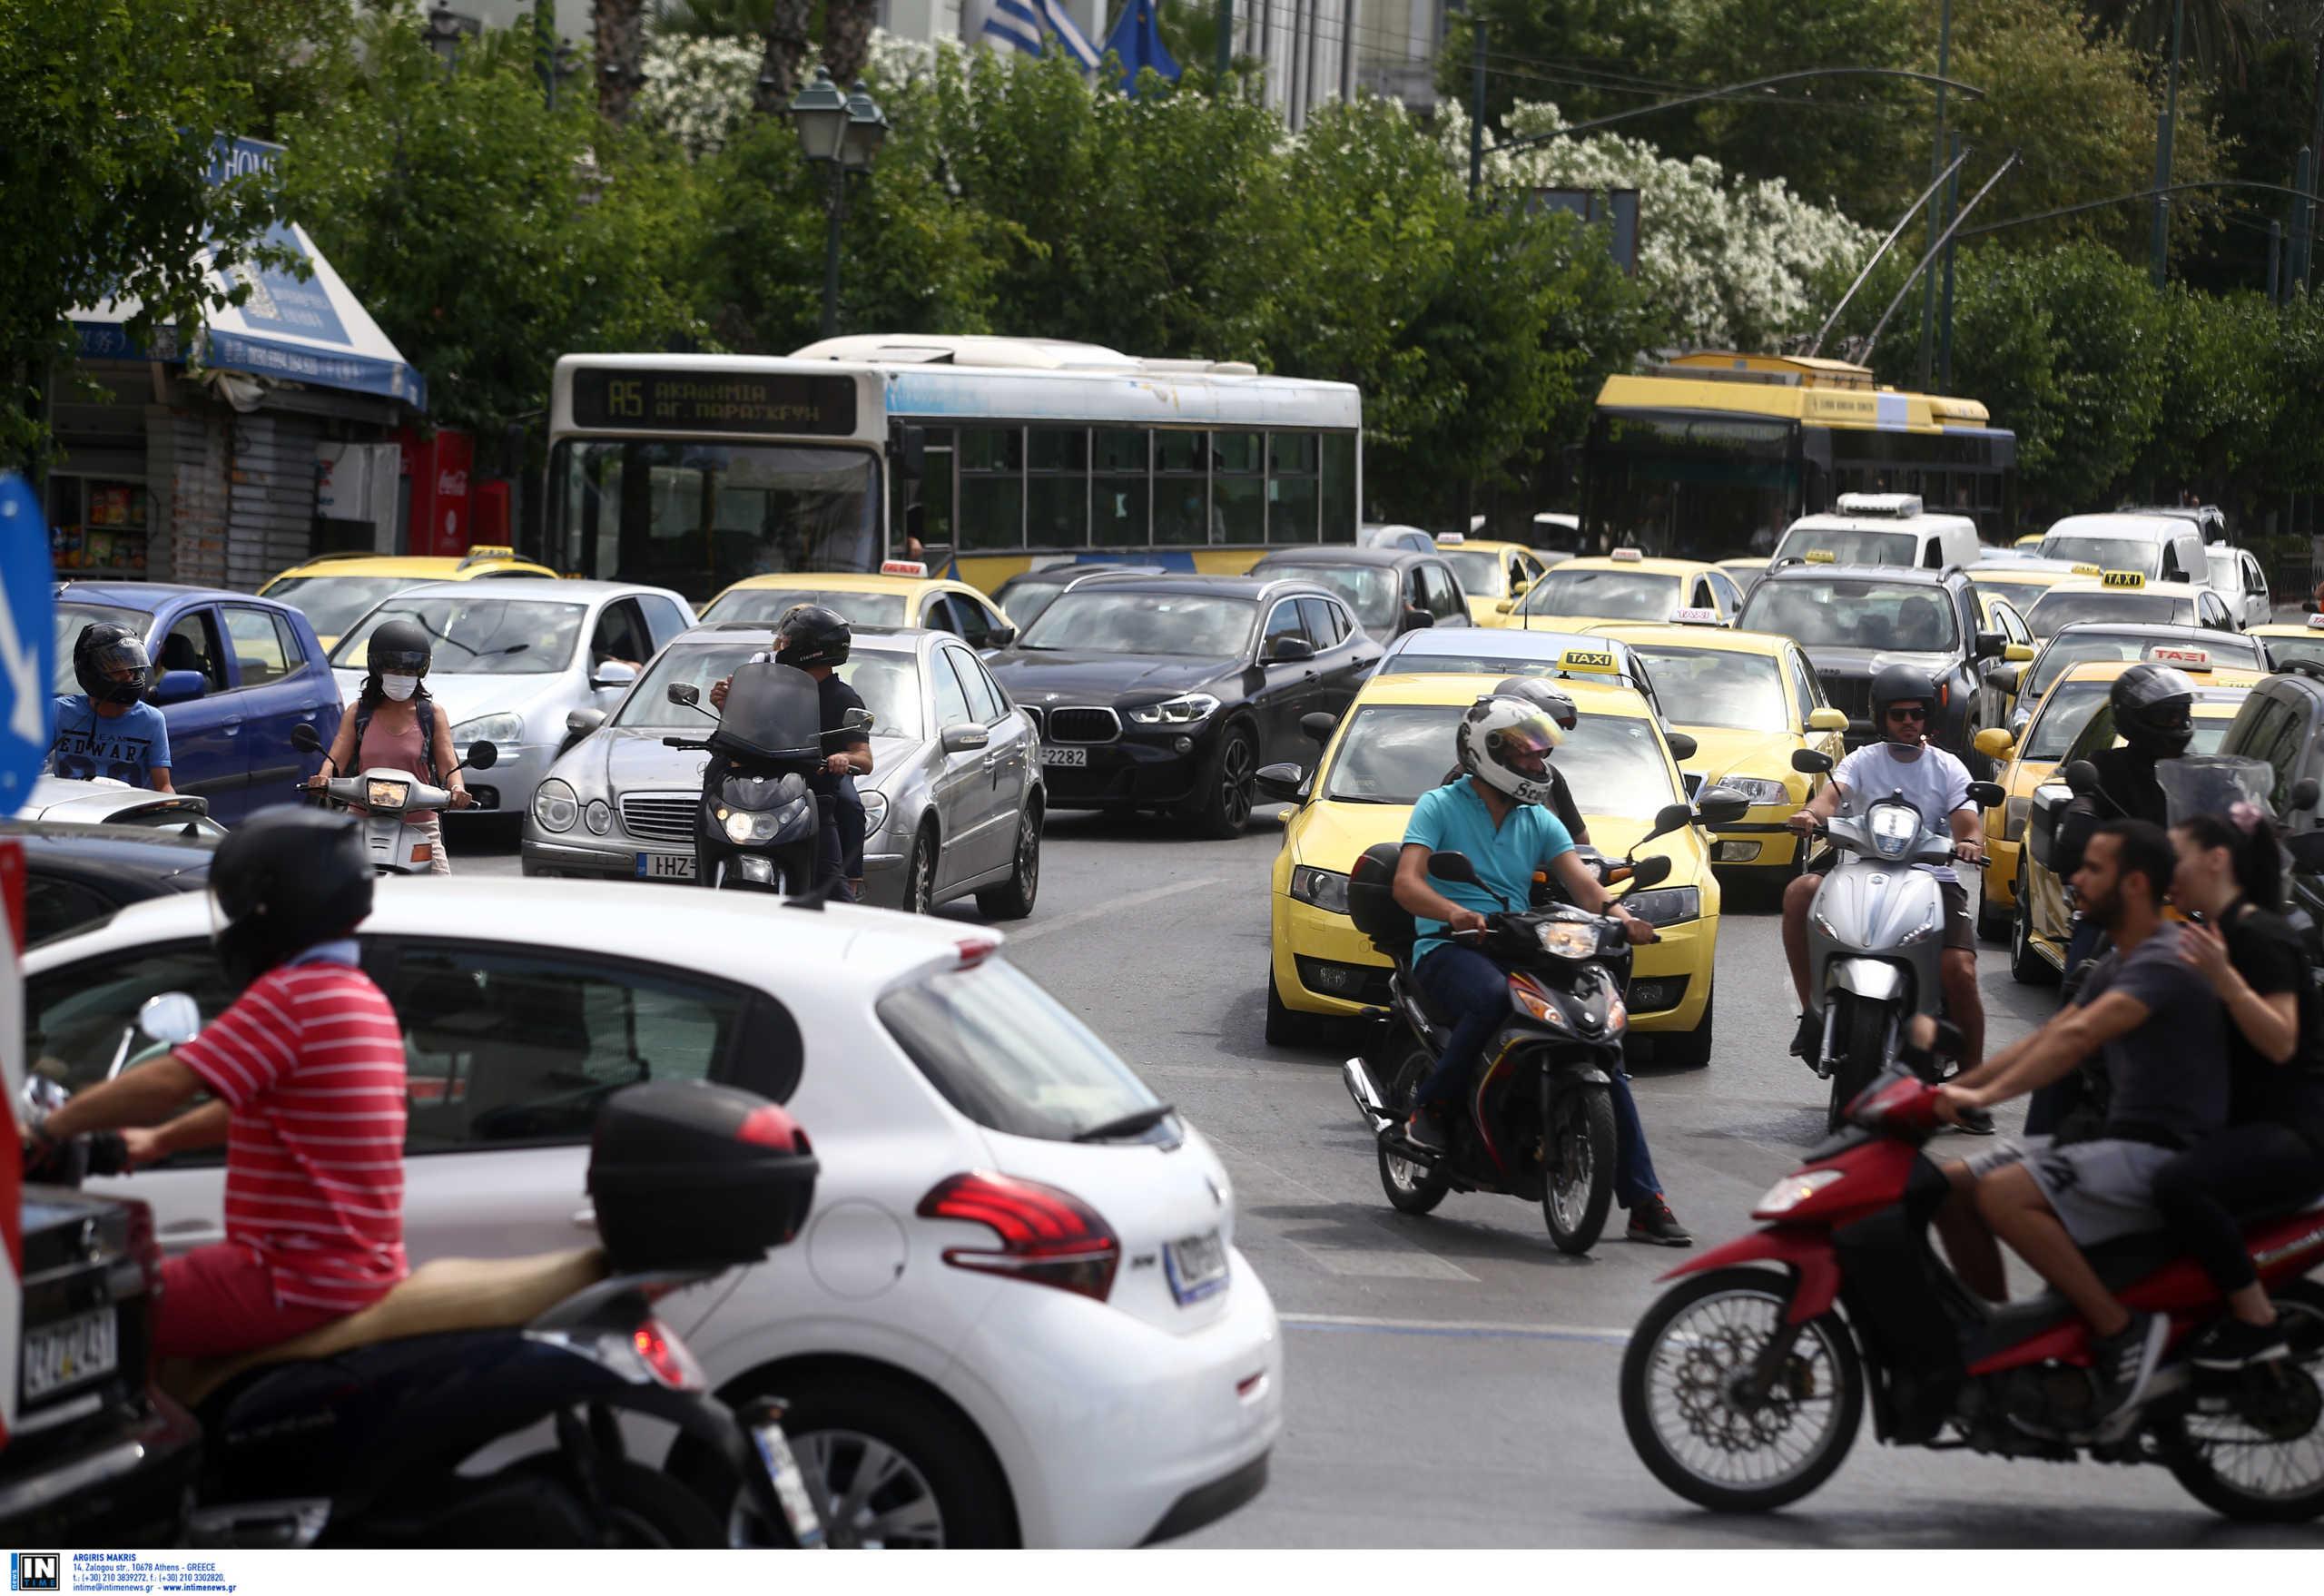 Κίνηση κόλαση στην Αθήνα λόγω… Μεγάλου Περιπάτου και πορείας